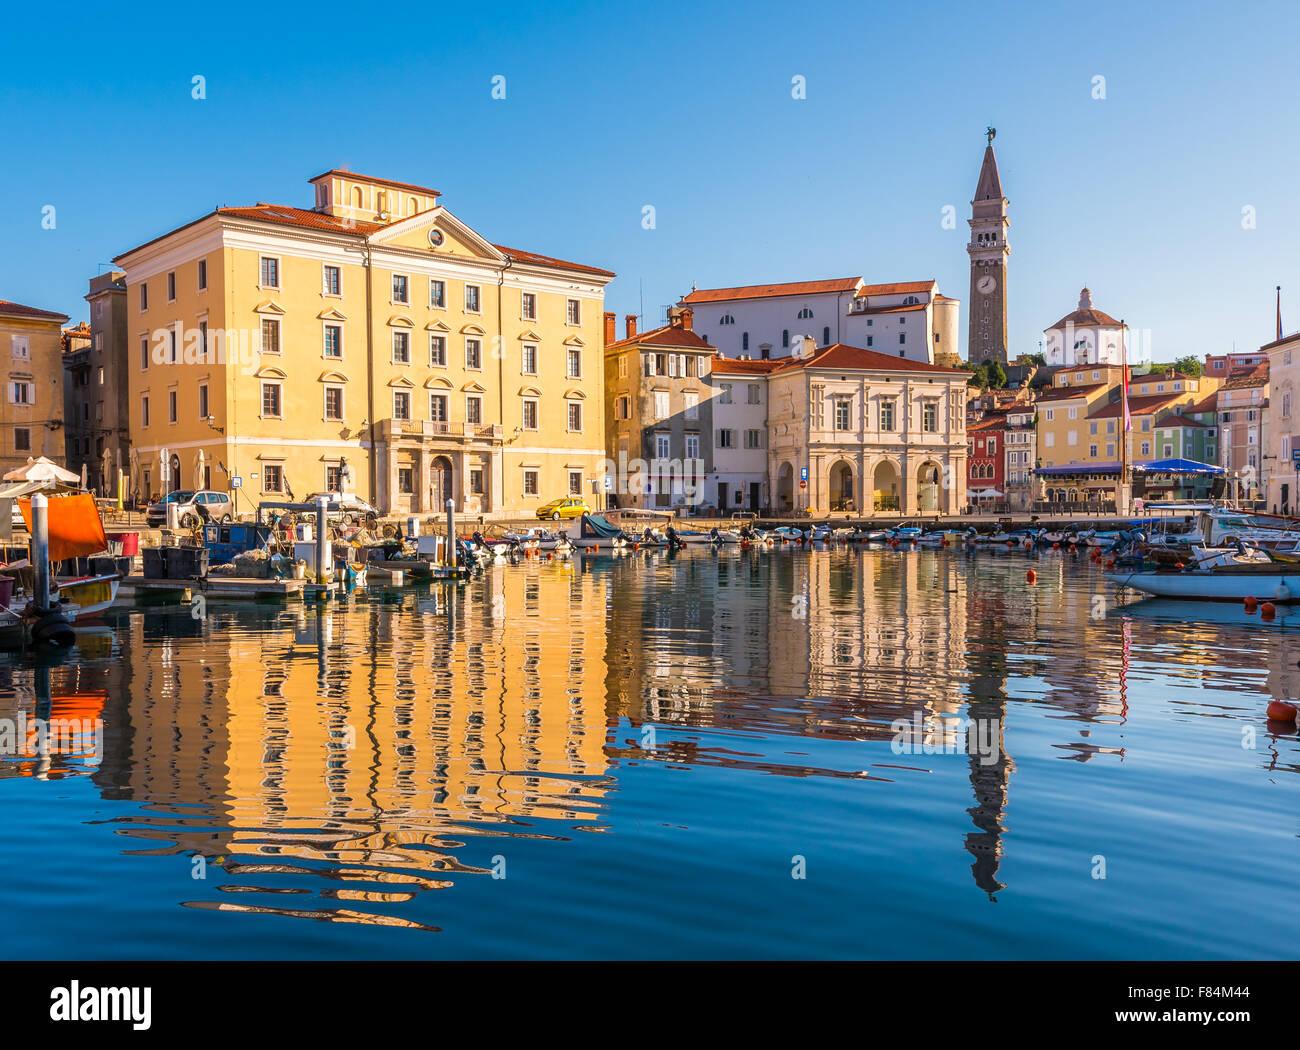 Venezianischen Hafen und dem Hauptplatz Tartini Piran Stadt spiegelt sich auf dem Wasser in Slowenien. Stockbild